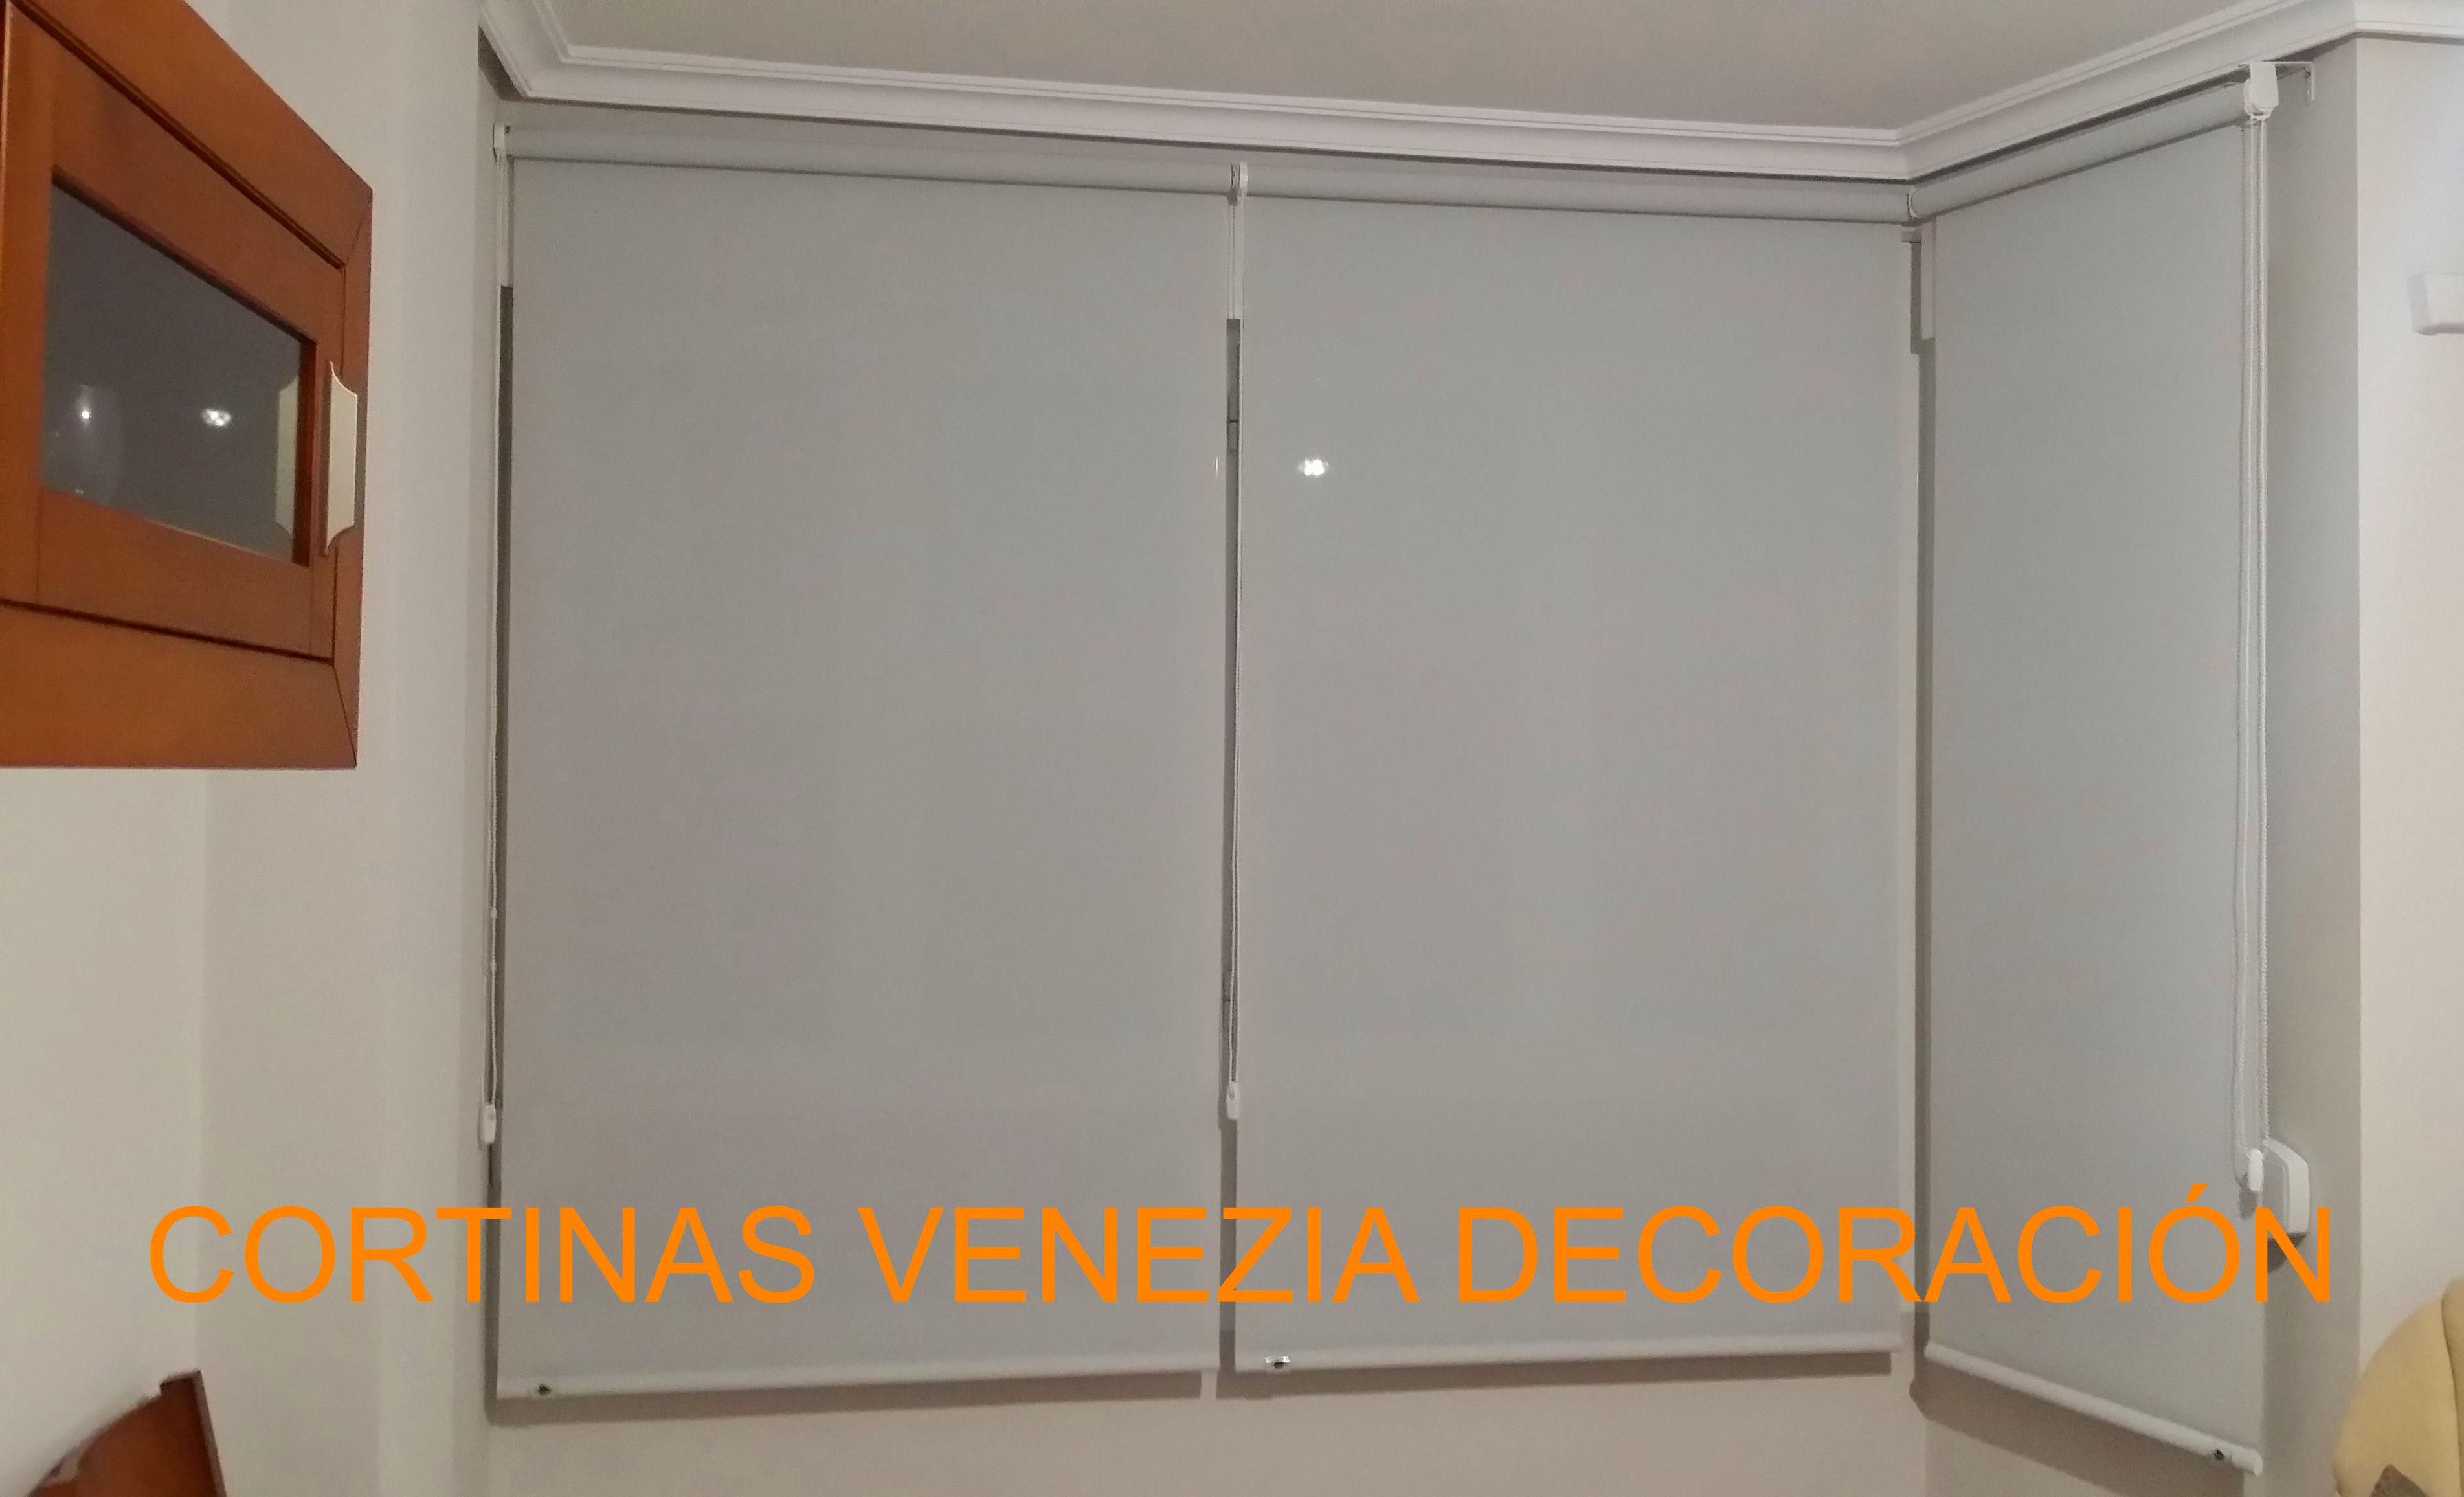 Foto 154 de Cortinas en Albacete | Venezia Decoración